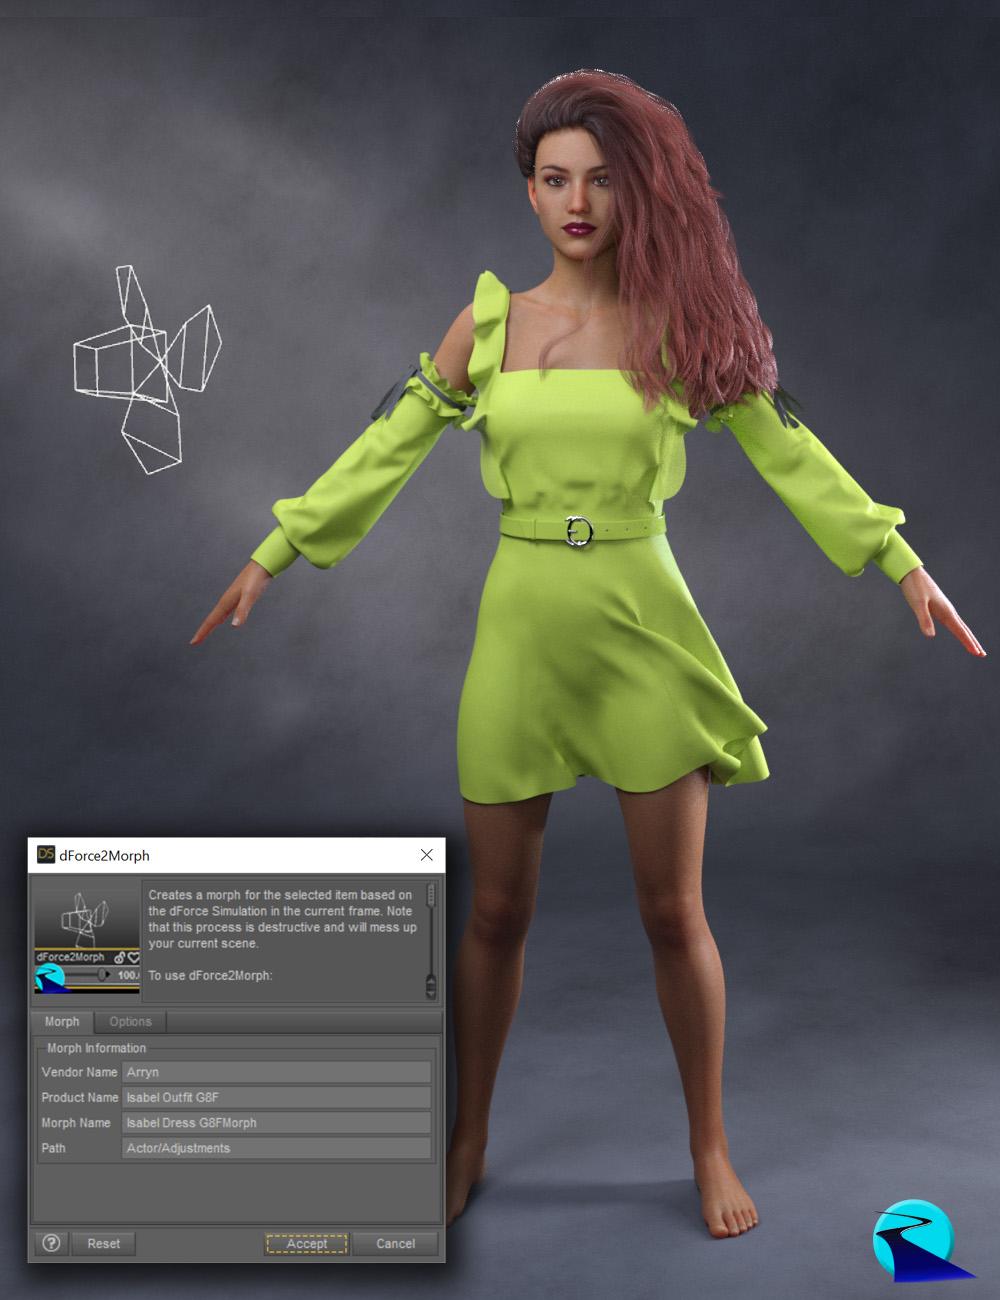 dForce2Morph by: RiverSoft Art, 3D Models by Daz 3D